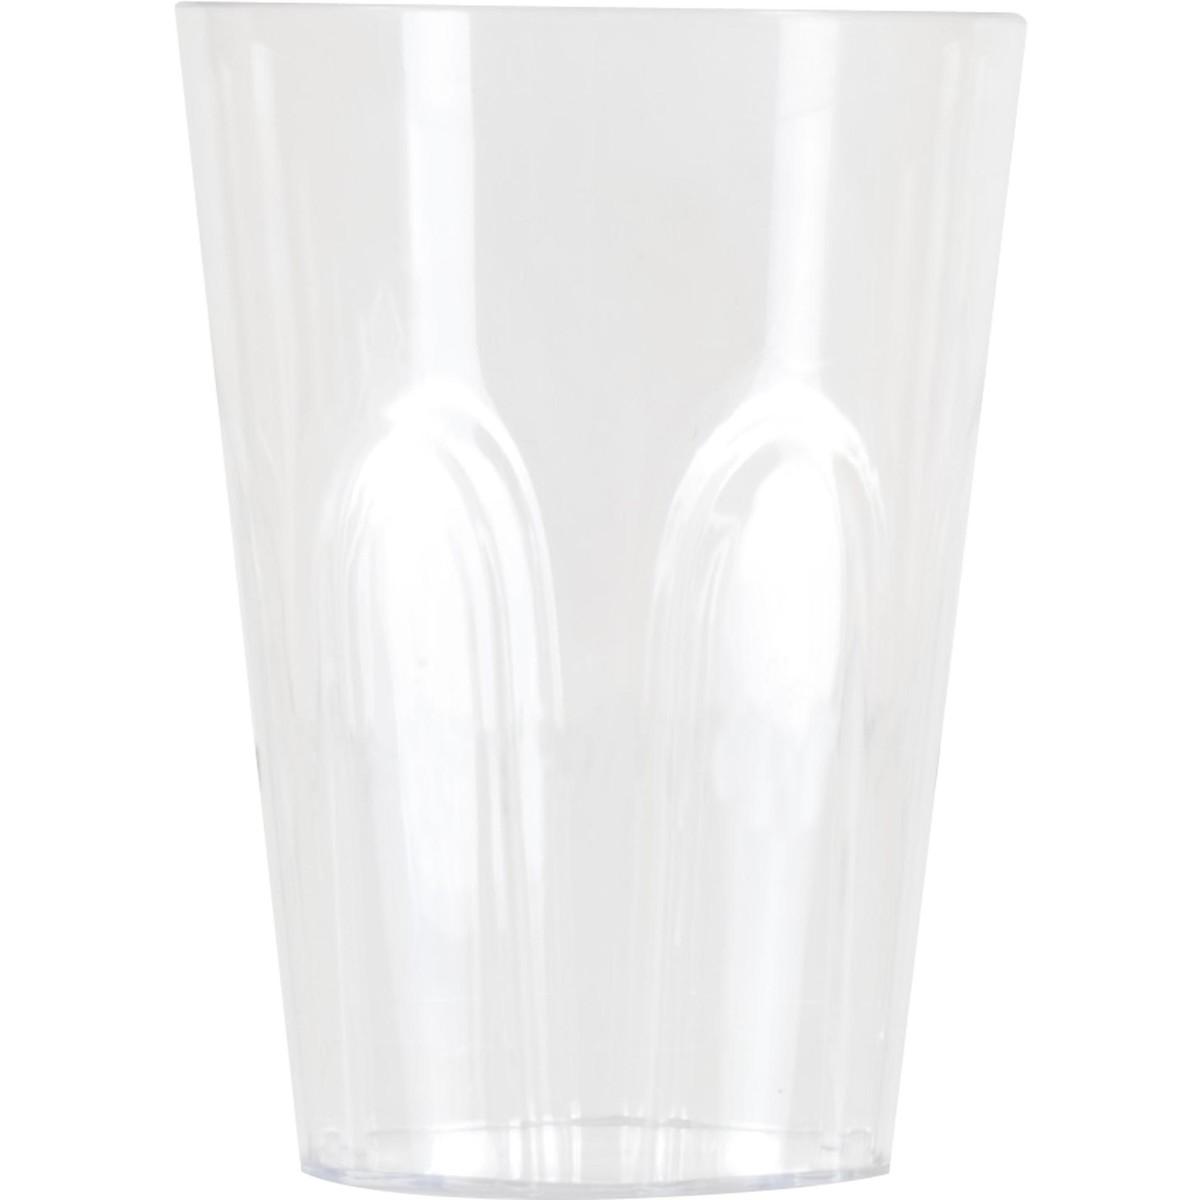 Glasserie Polycarbonat Longdrinkglas, 560 ml